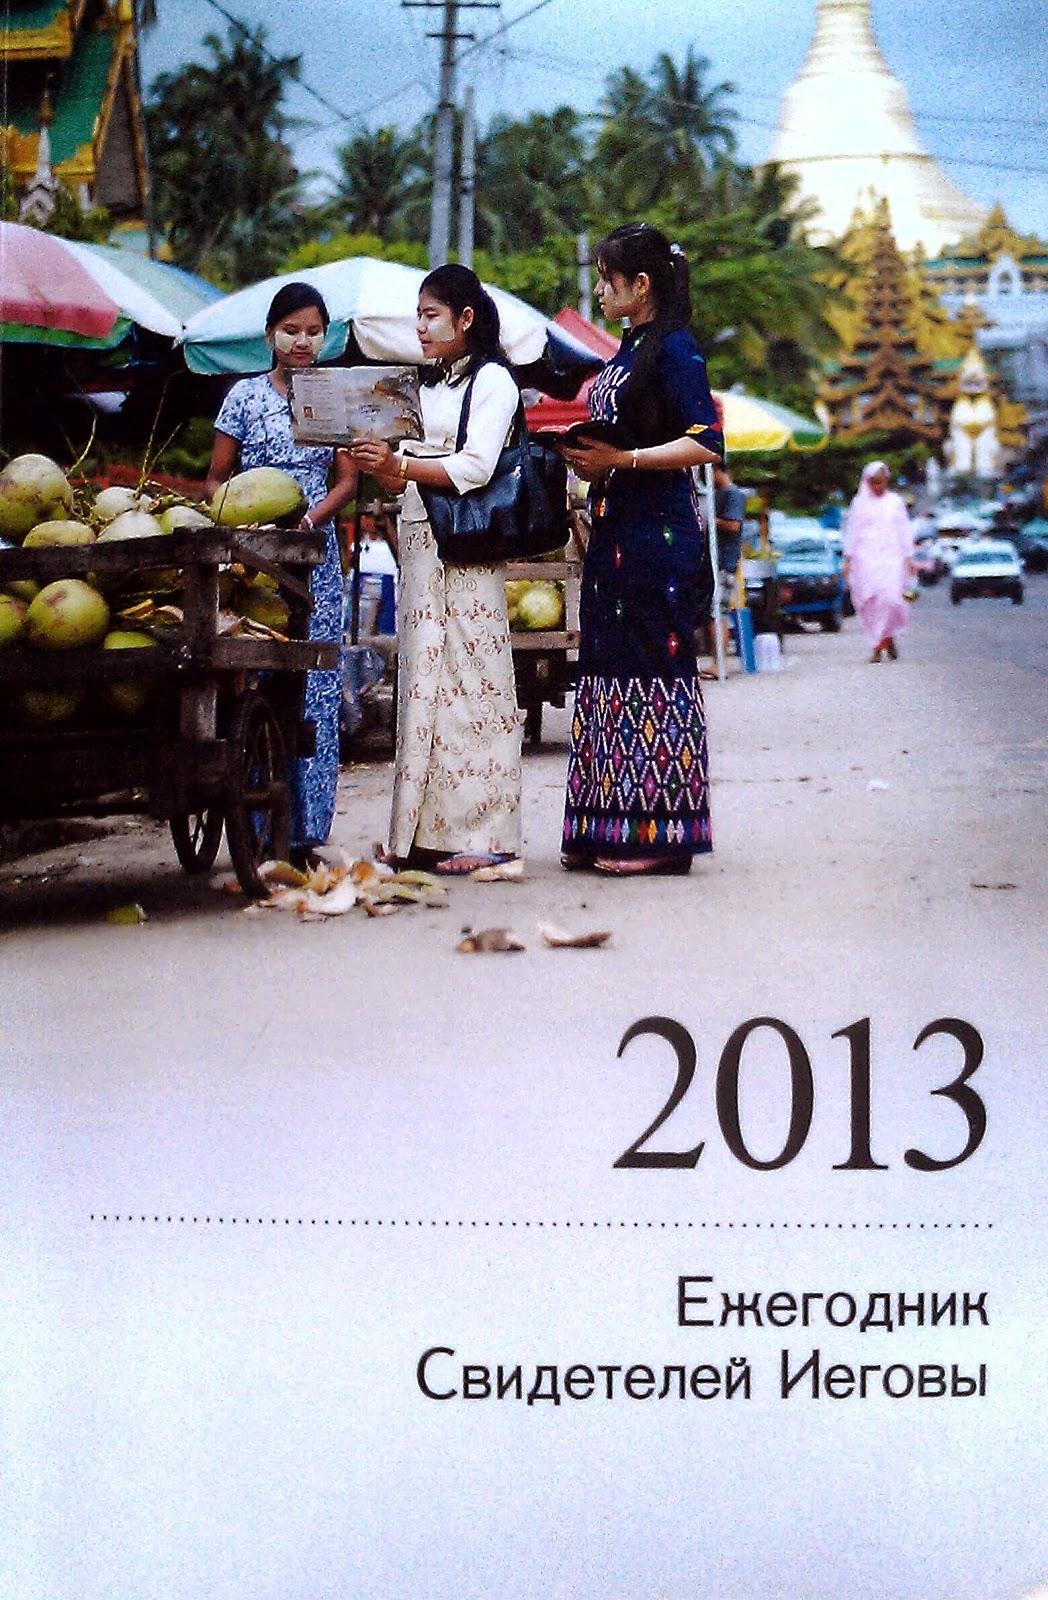 Ezhegodnik-Svidetelej-Iegovy-2013